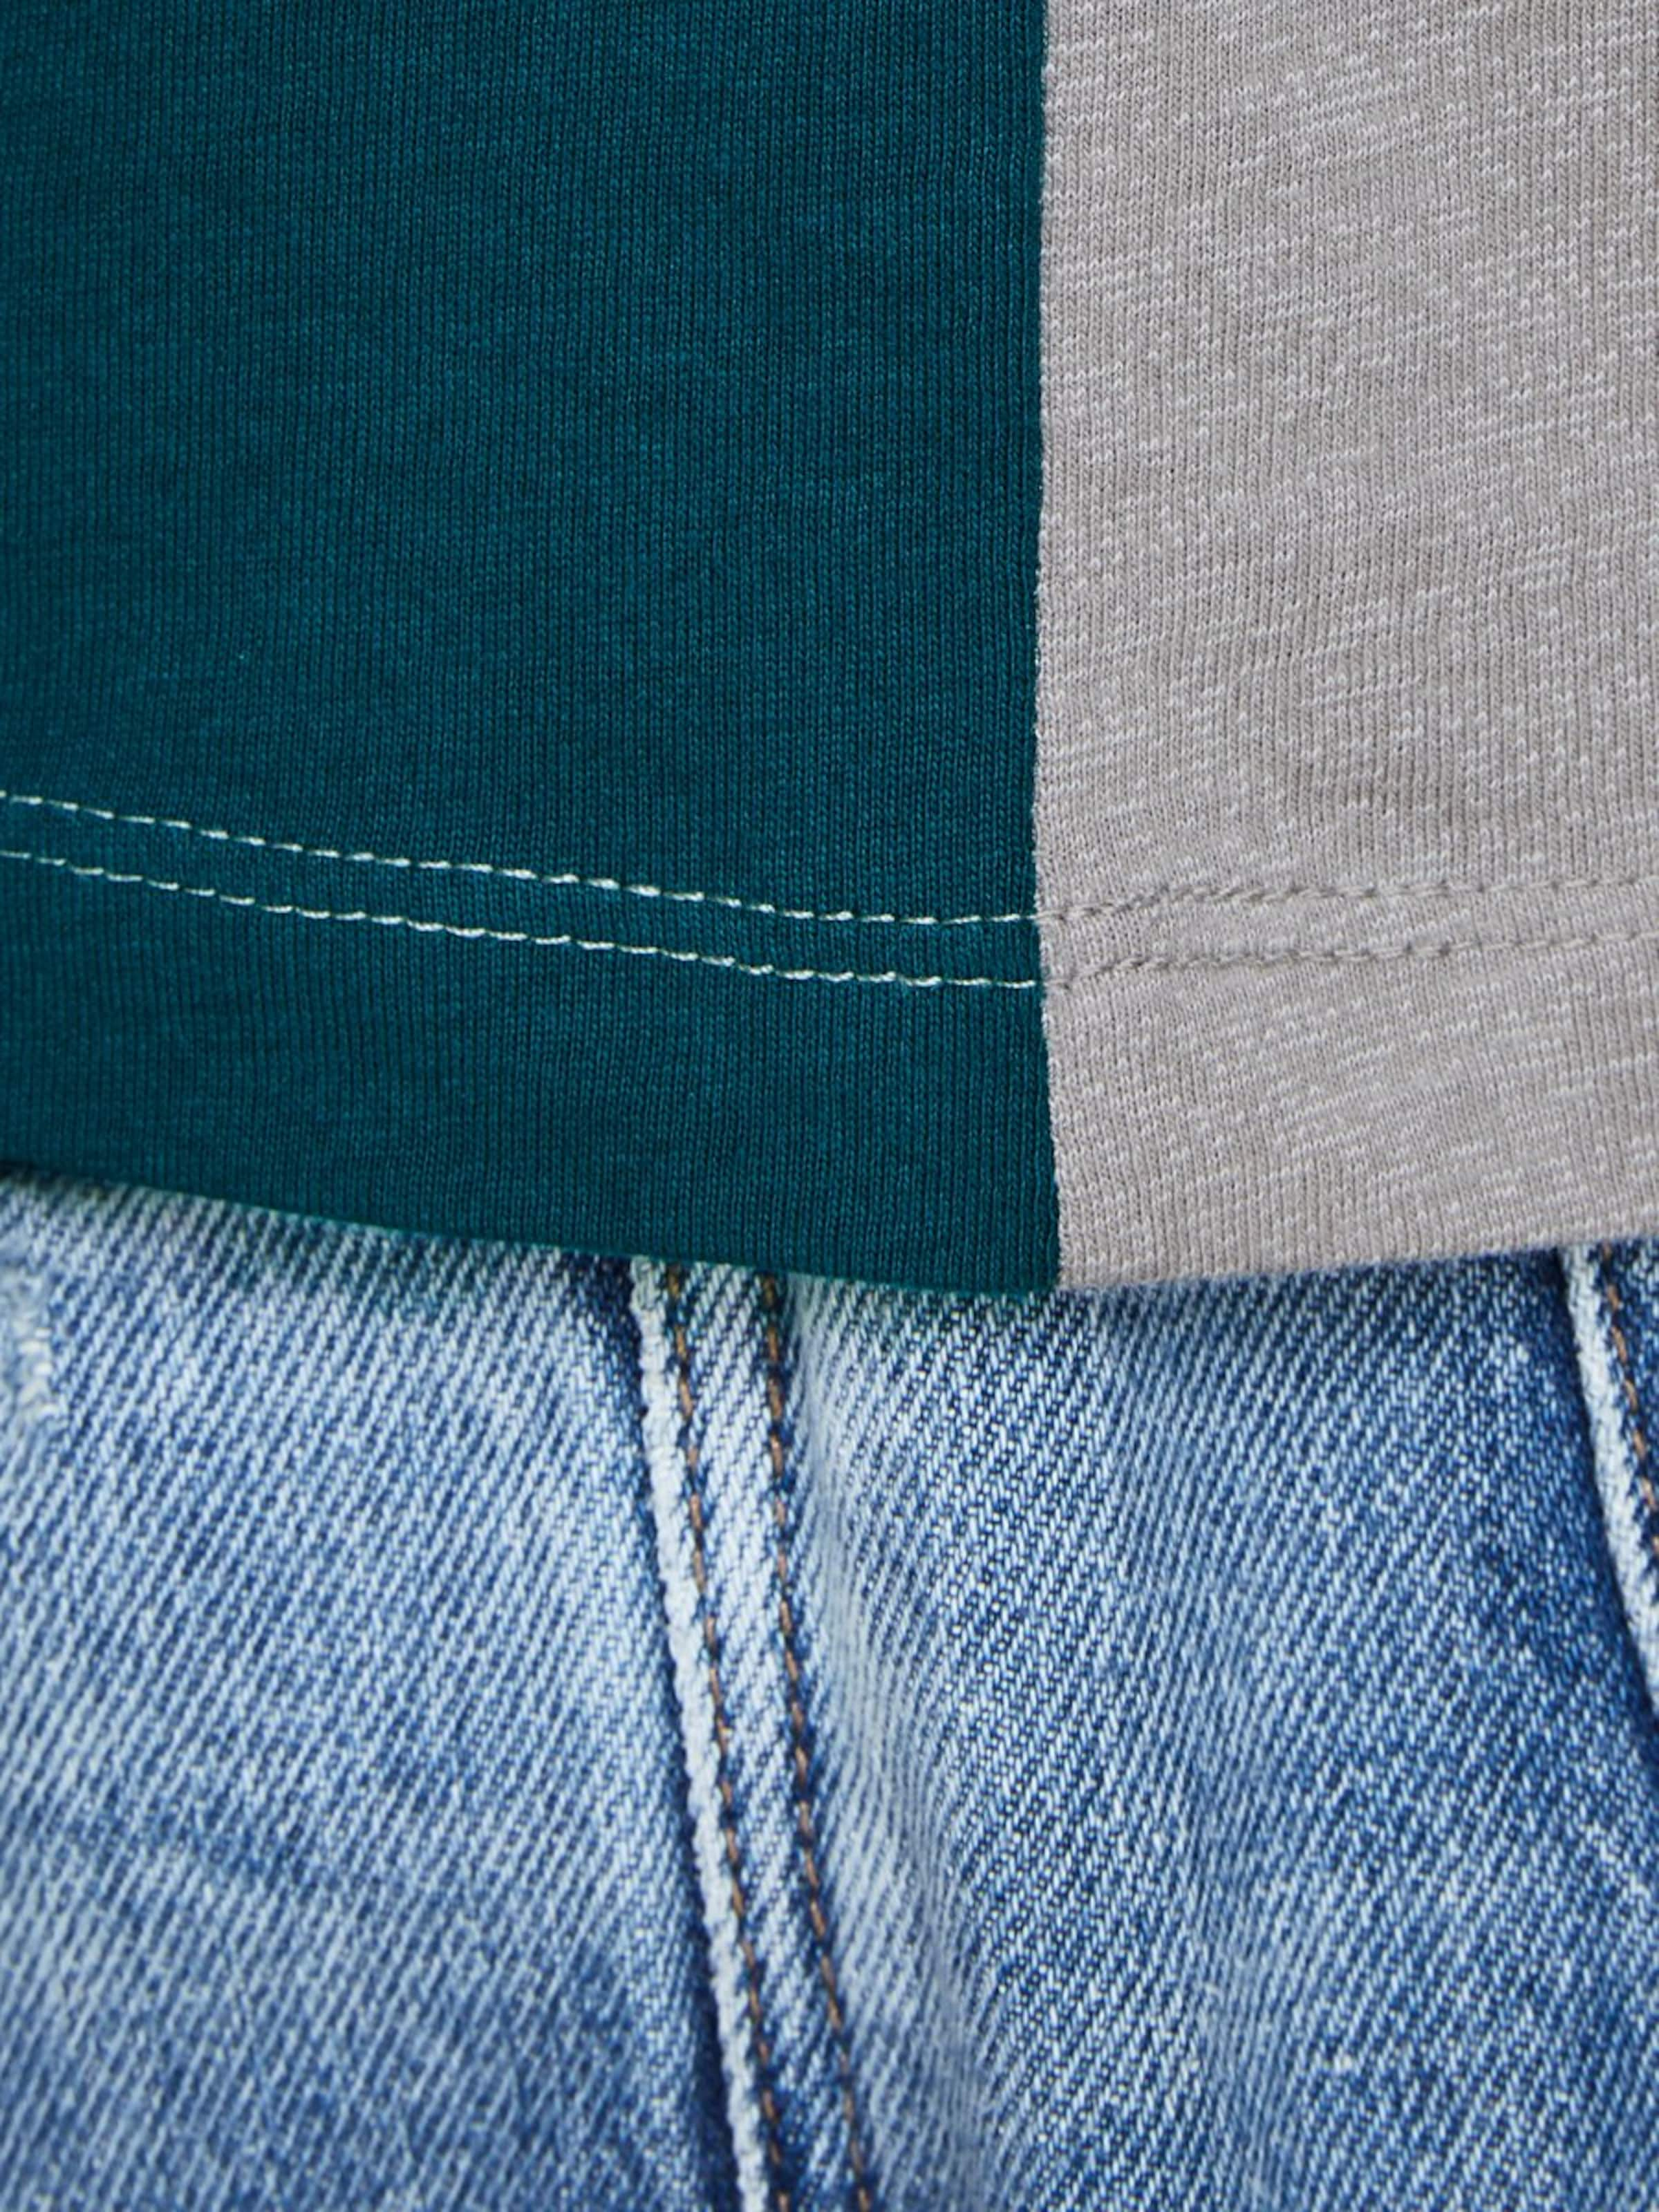 shirt UltramarinblauGraumeliert Jackamp; Colourblocking In T Dunkelgrün Jones TF13KJcl